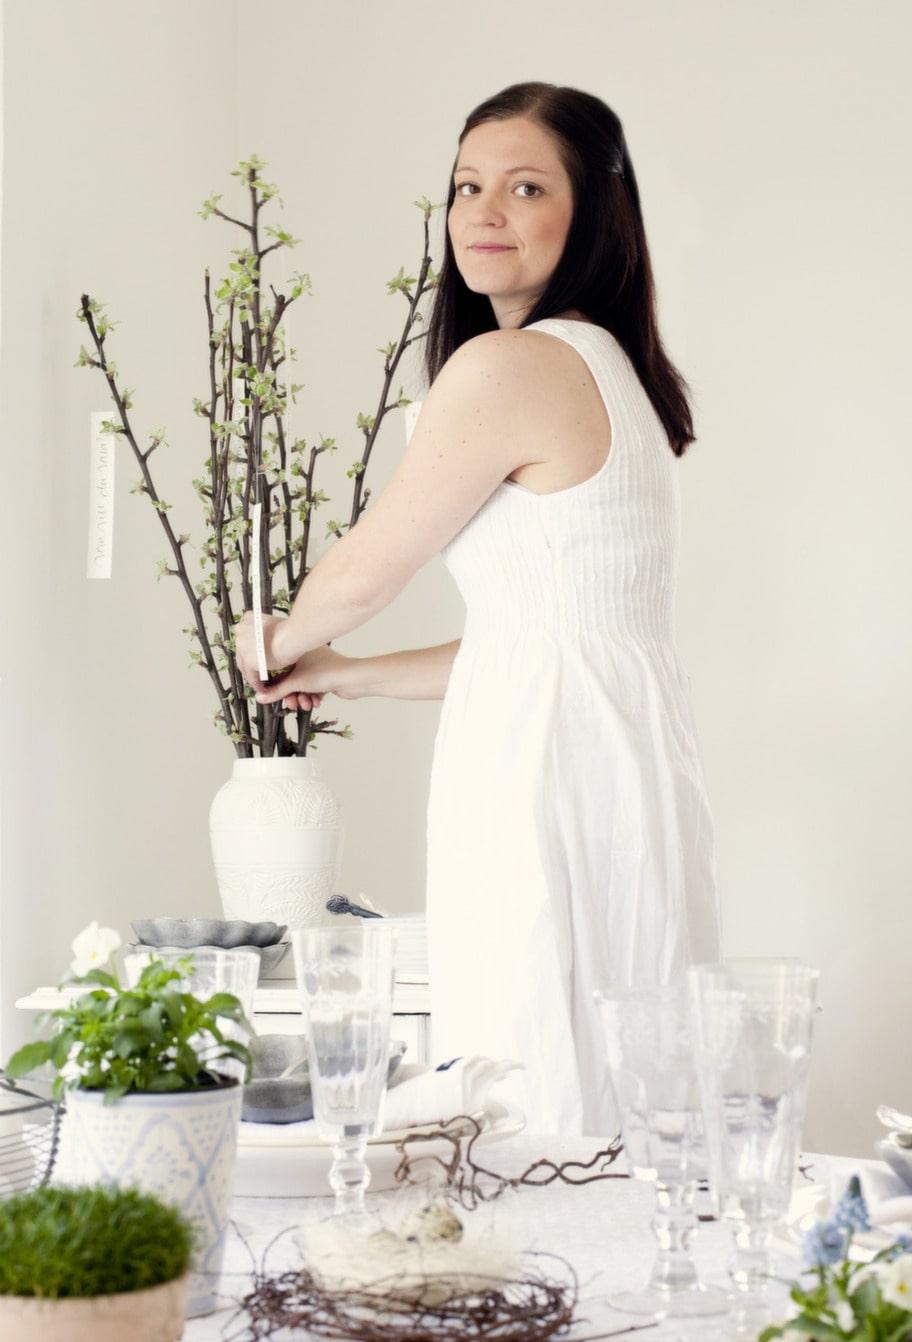 Fina knoppar. Ta in våren i ditt hem med hjälp av knoppande äppelgrenar och sätt i en vacker vas. Bland grenarna hänger fina ord från Ylva Skarp, CE Inne & ute. Vasen är från Madame Stoltz, CE Inne & ute.